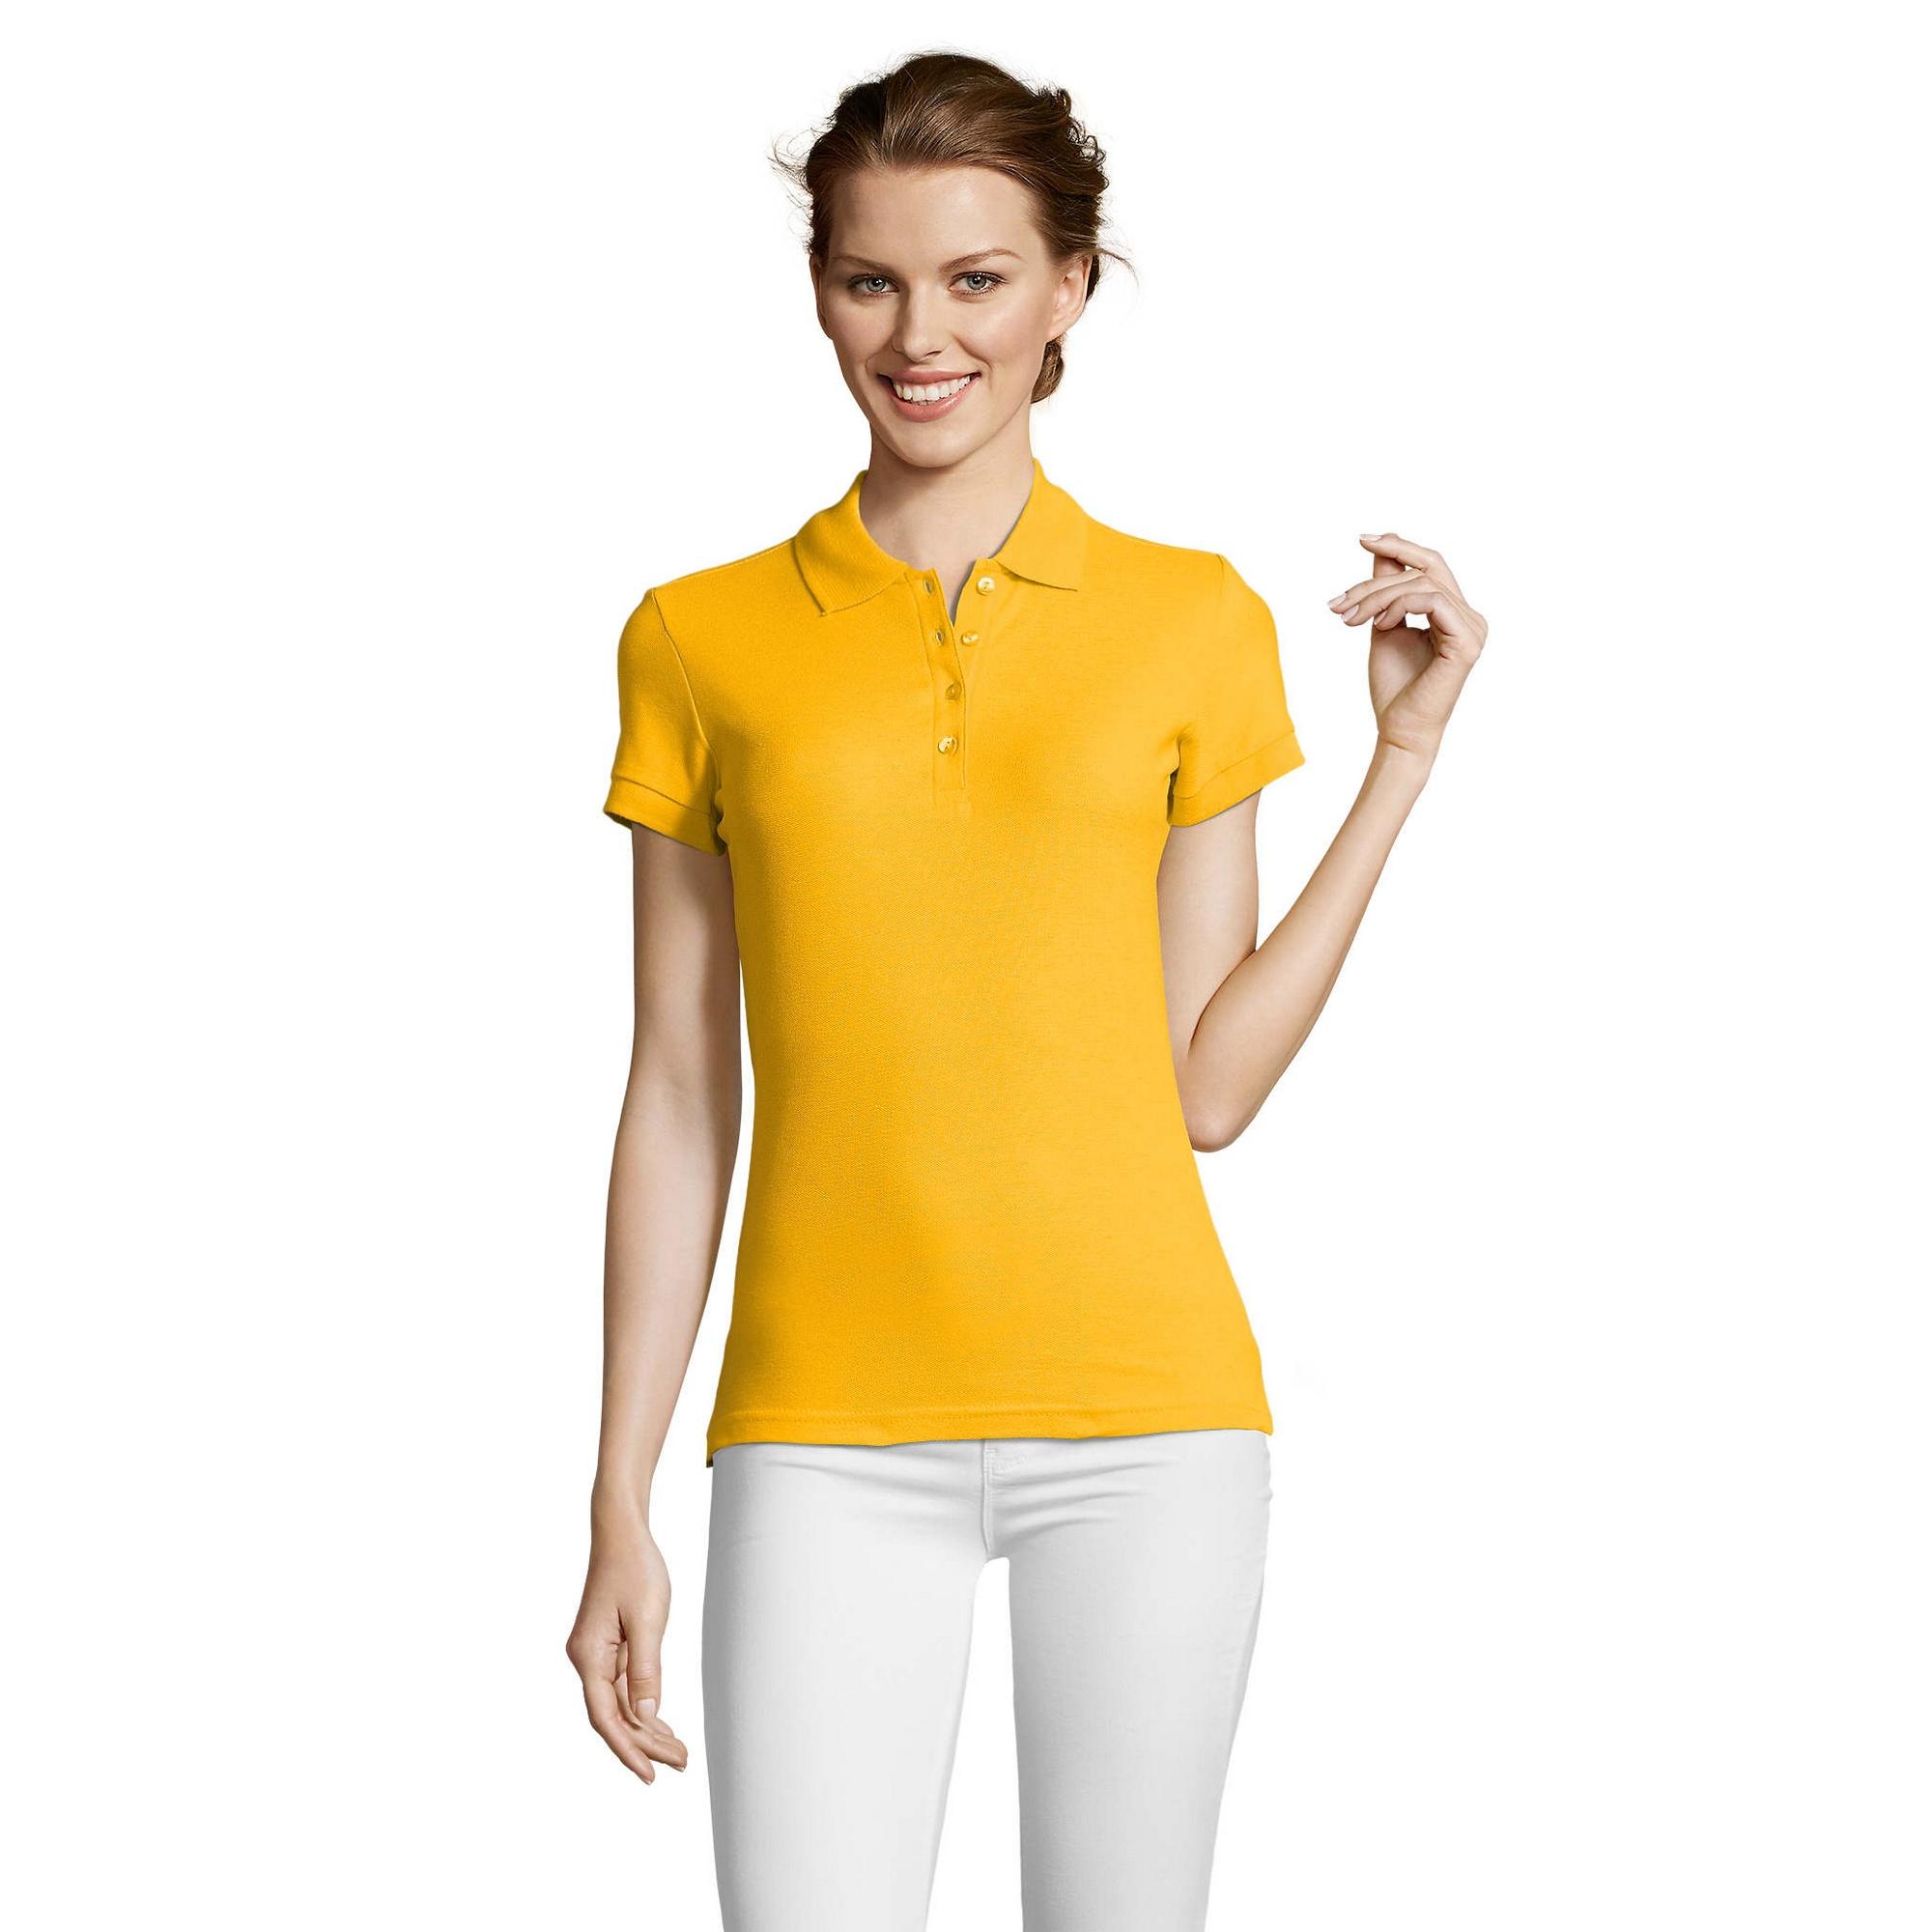 miniature 16 - SOLS-People-Polo-100-coton-a-manches-courtes-Femme-S-2XL-17-PC319